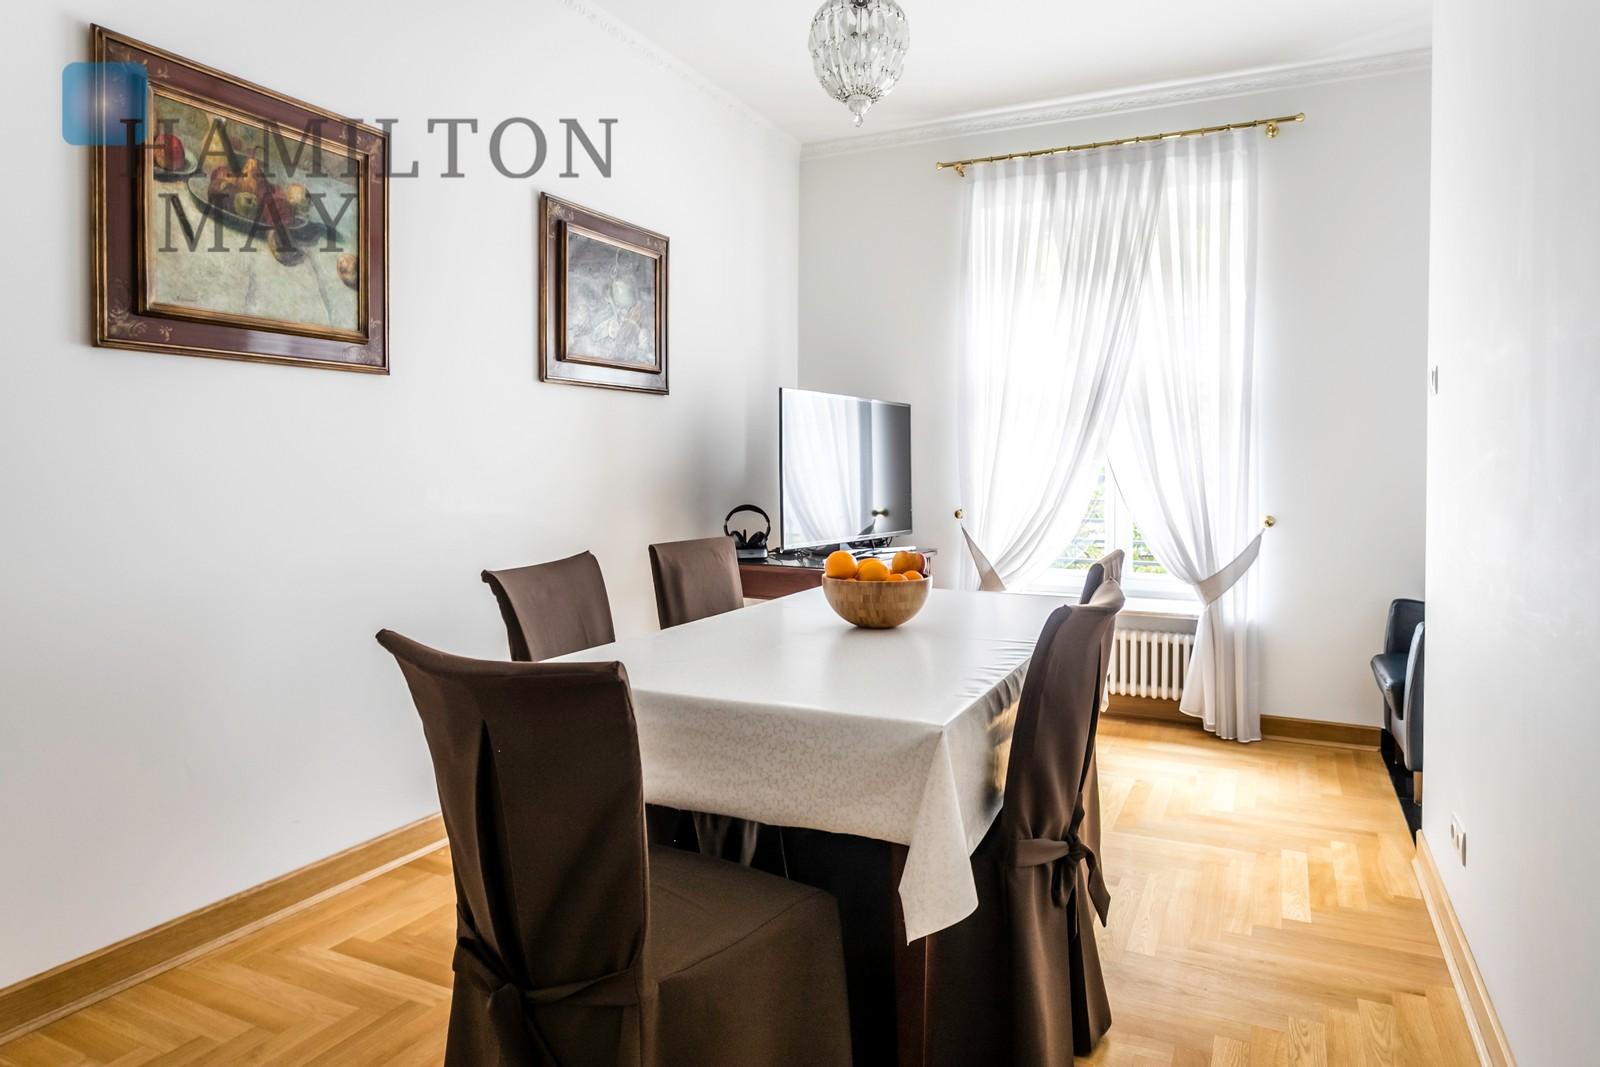 Czteropokojowy apartament w odrestaurowanej kamienicy Restaury Warszawa na wynajem